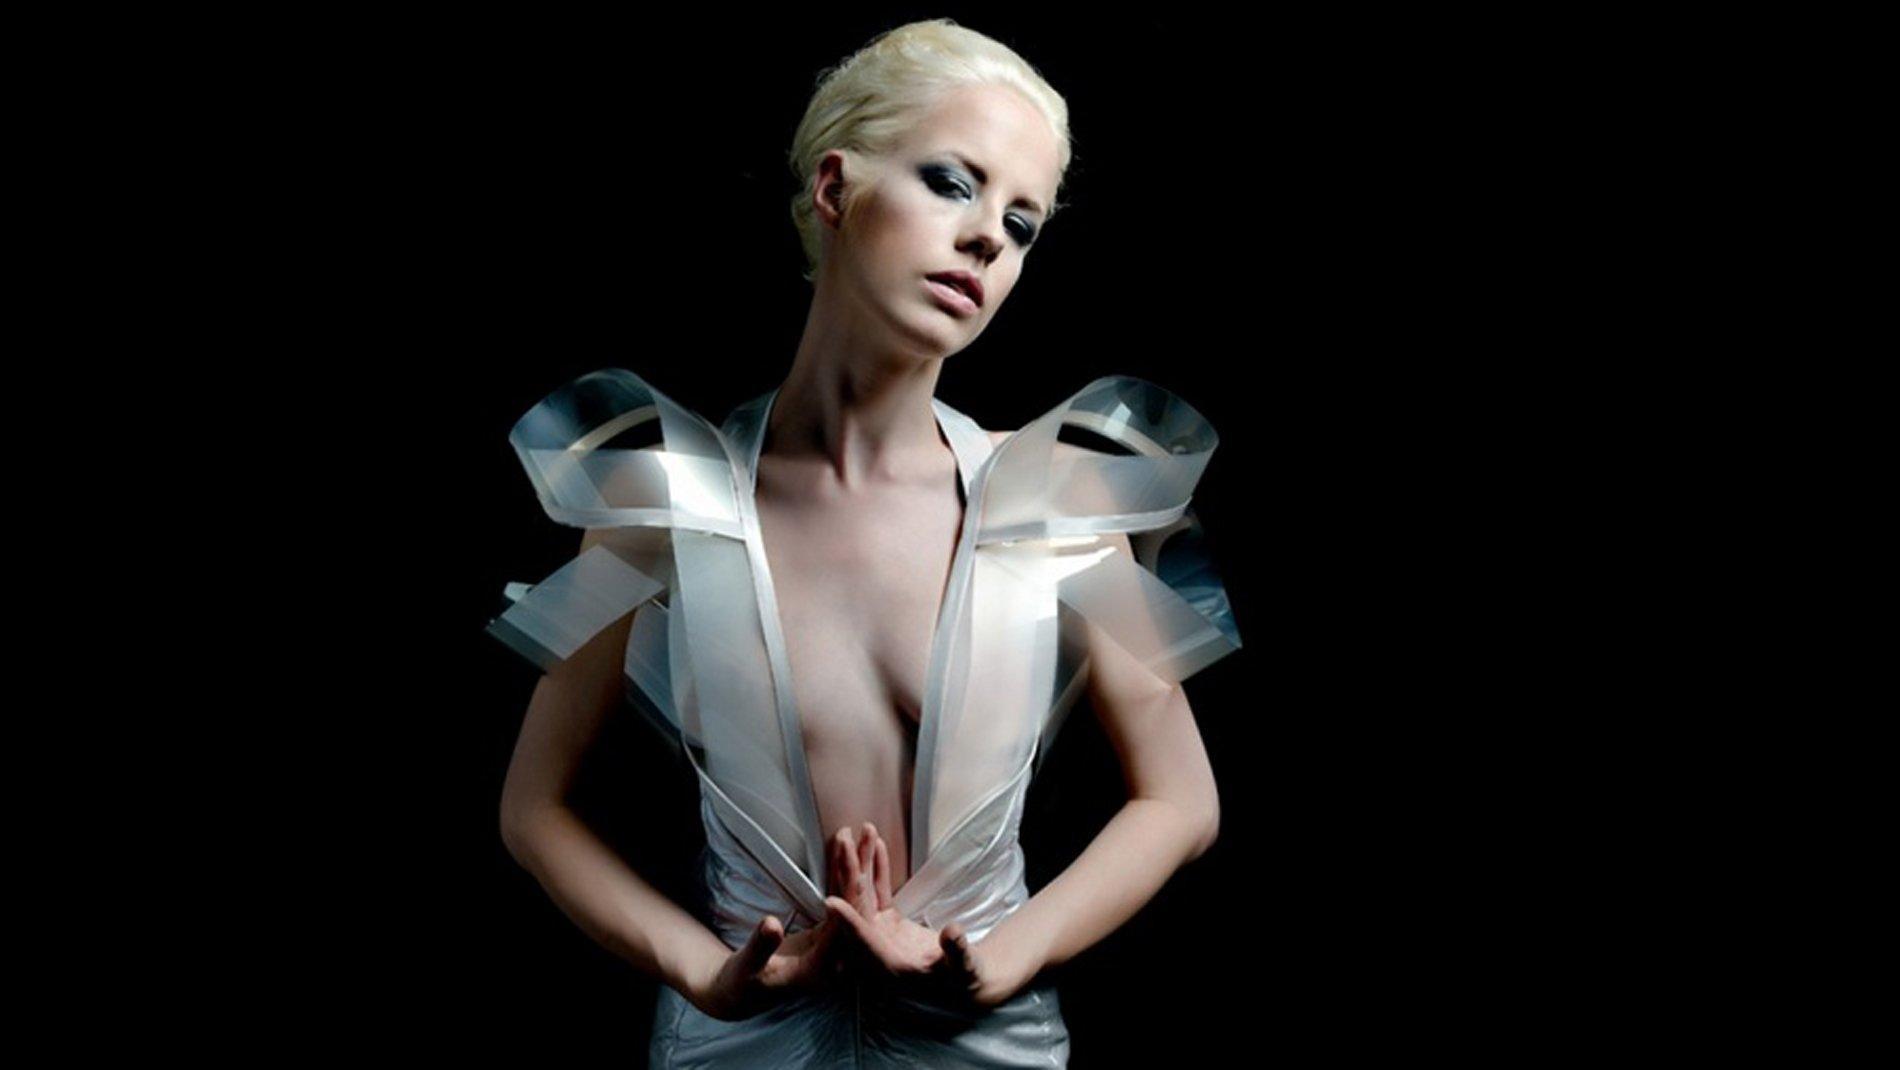 Ti emozioni? Il vestito diventa trasparente!